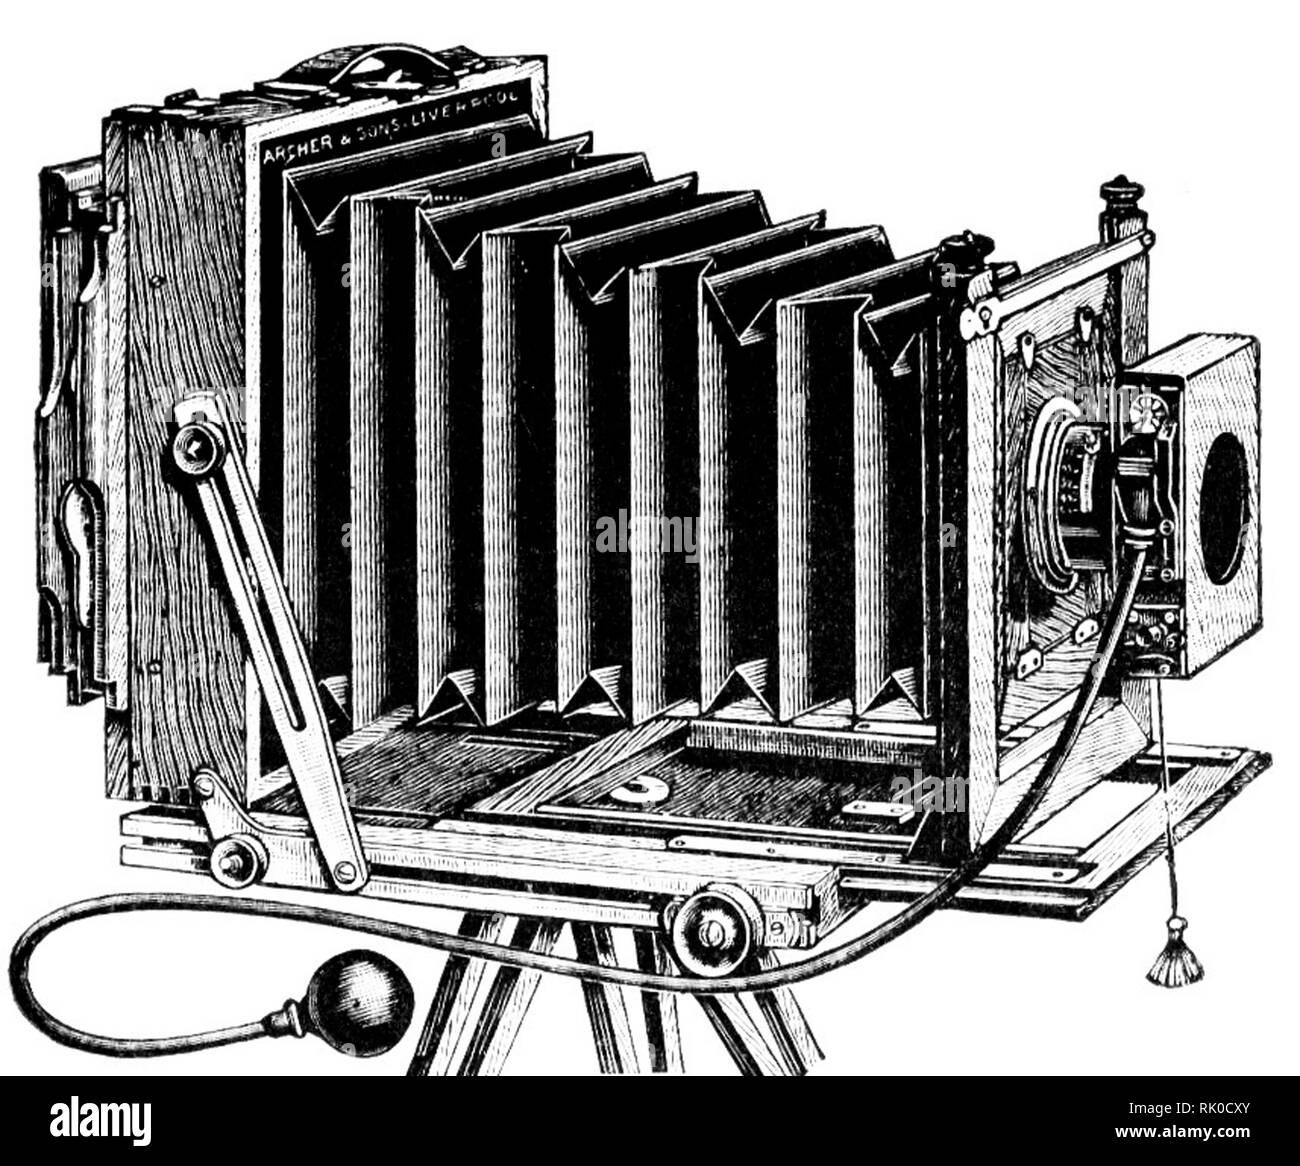 Vintage ancienne plaque photographique appareil photo - cela a été fait par Archer & Sons de Liverpool Banque D'Images